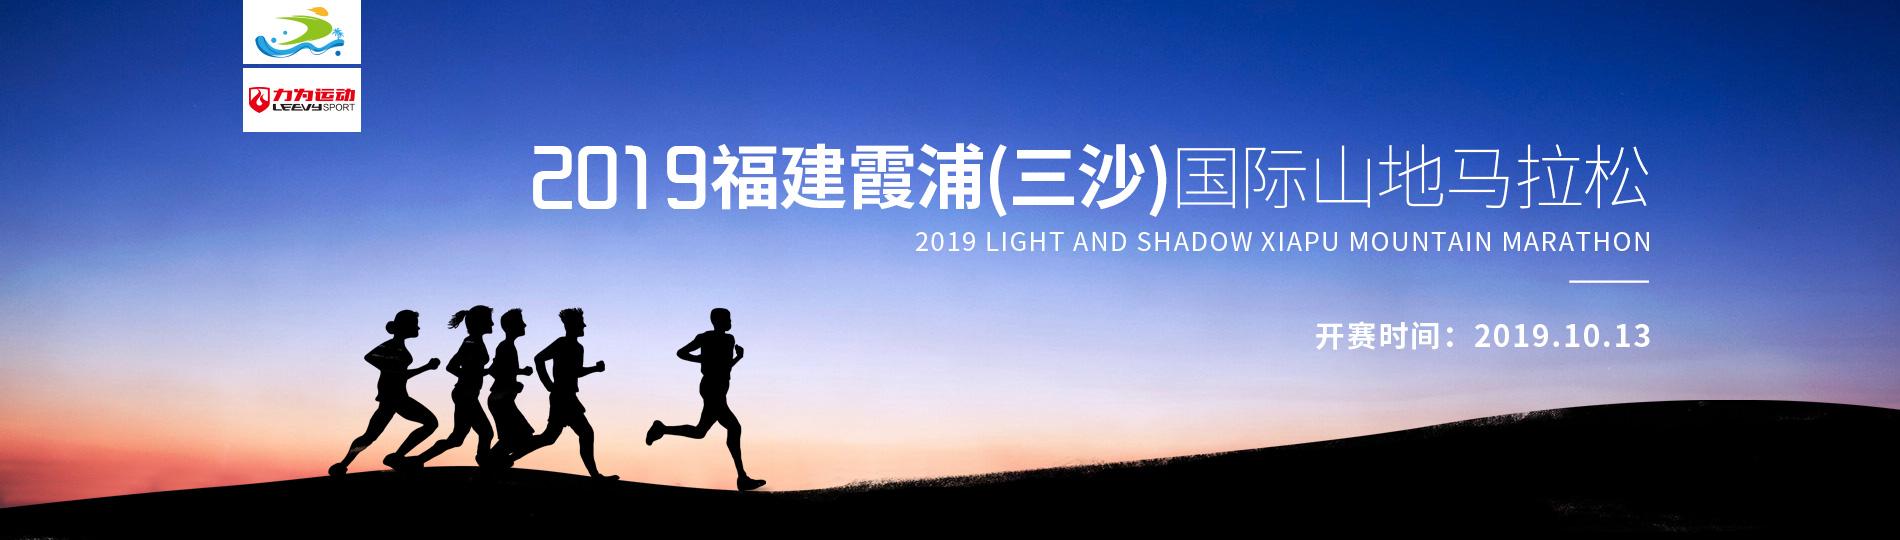 福建霞浦(三沙)国际山地马拉松